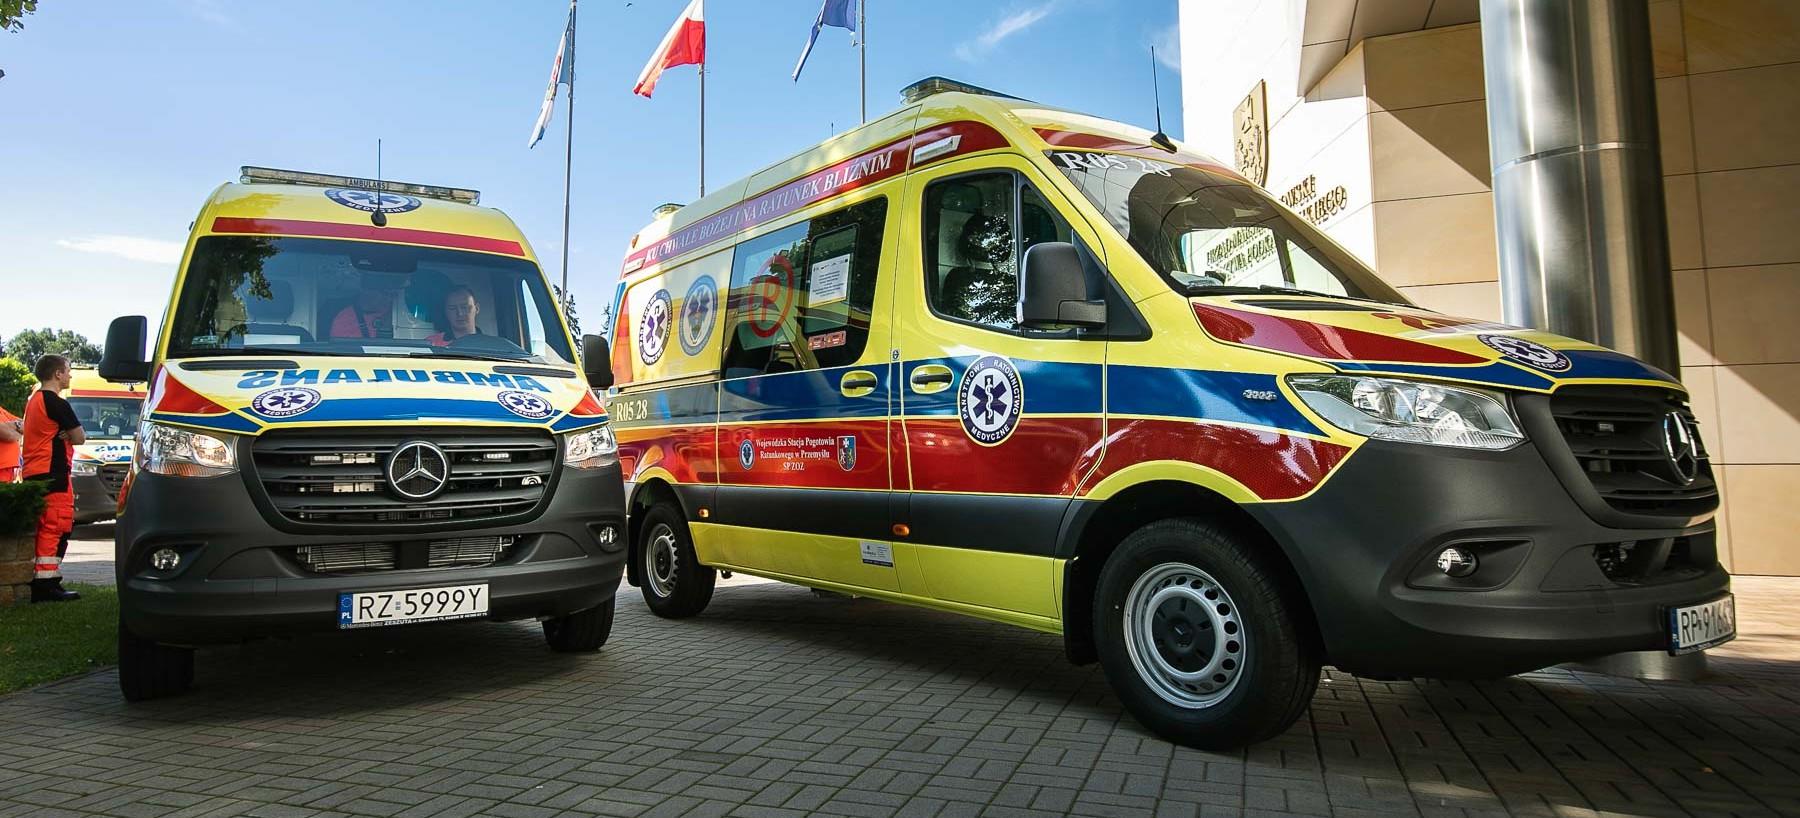 Dwie nowe karetki dla Bieszczadzkiego Pogotowia Ratunkowego! (FOTO)